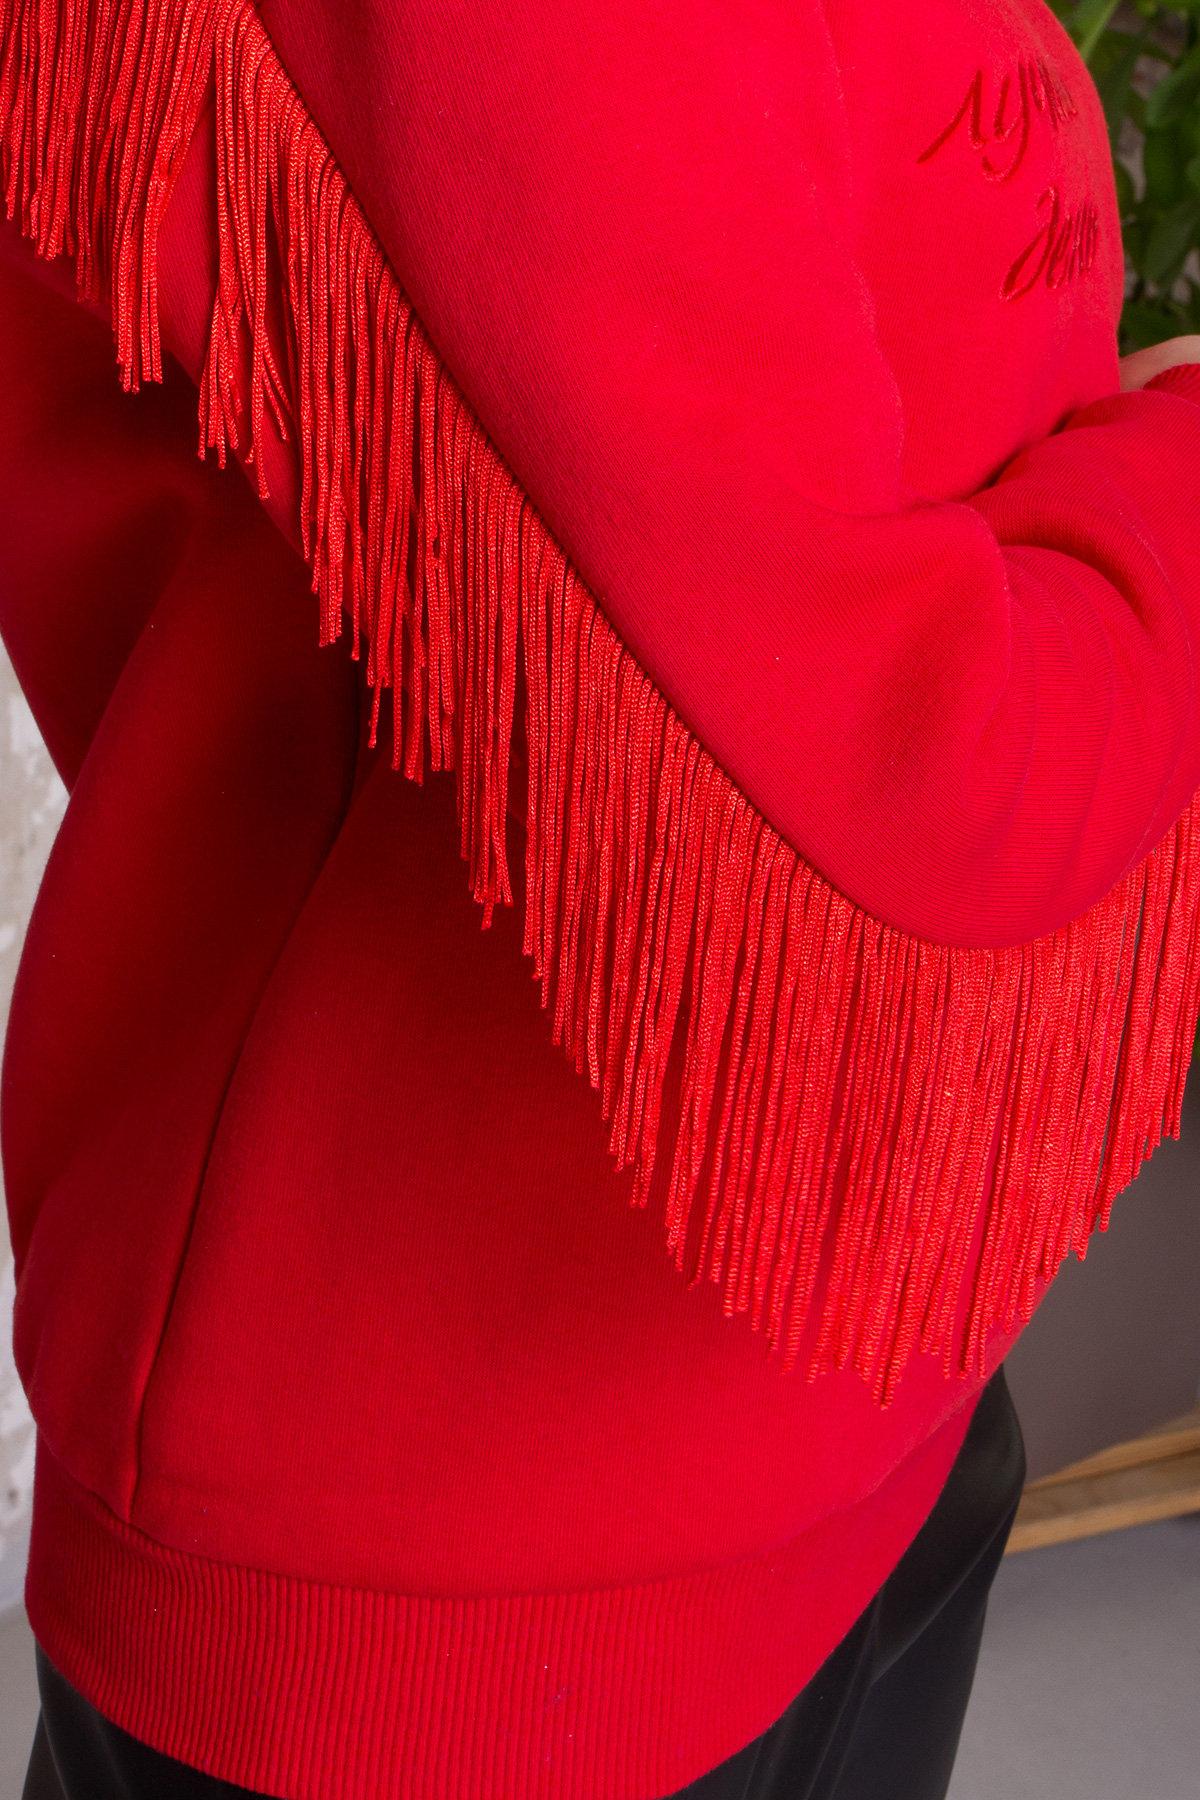 Стильный свитшот из трикотажа Джава 8706 АРТ. 45106 Цвет: Красный - фото 5, интернет магазин tm-modus.ru